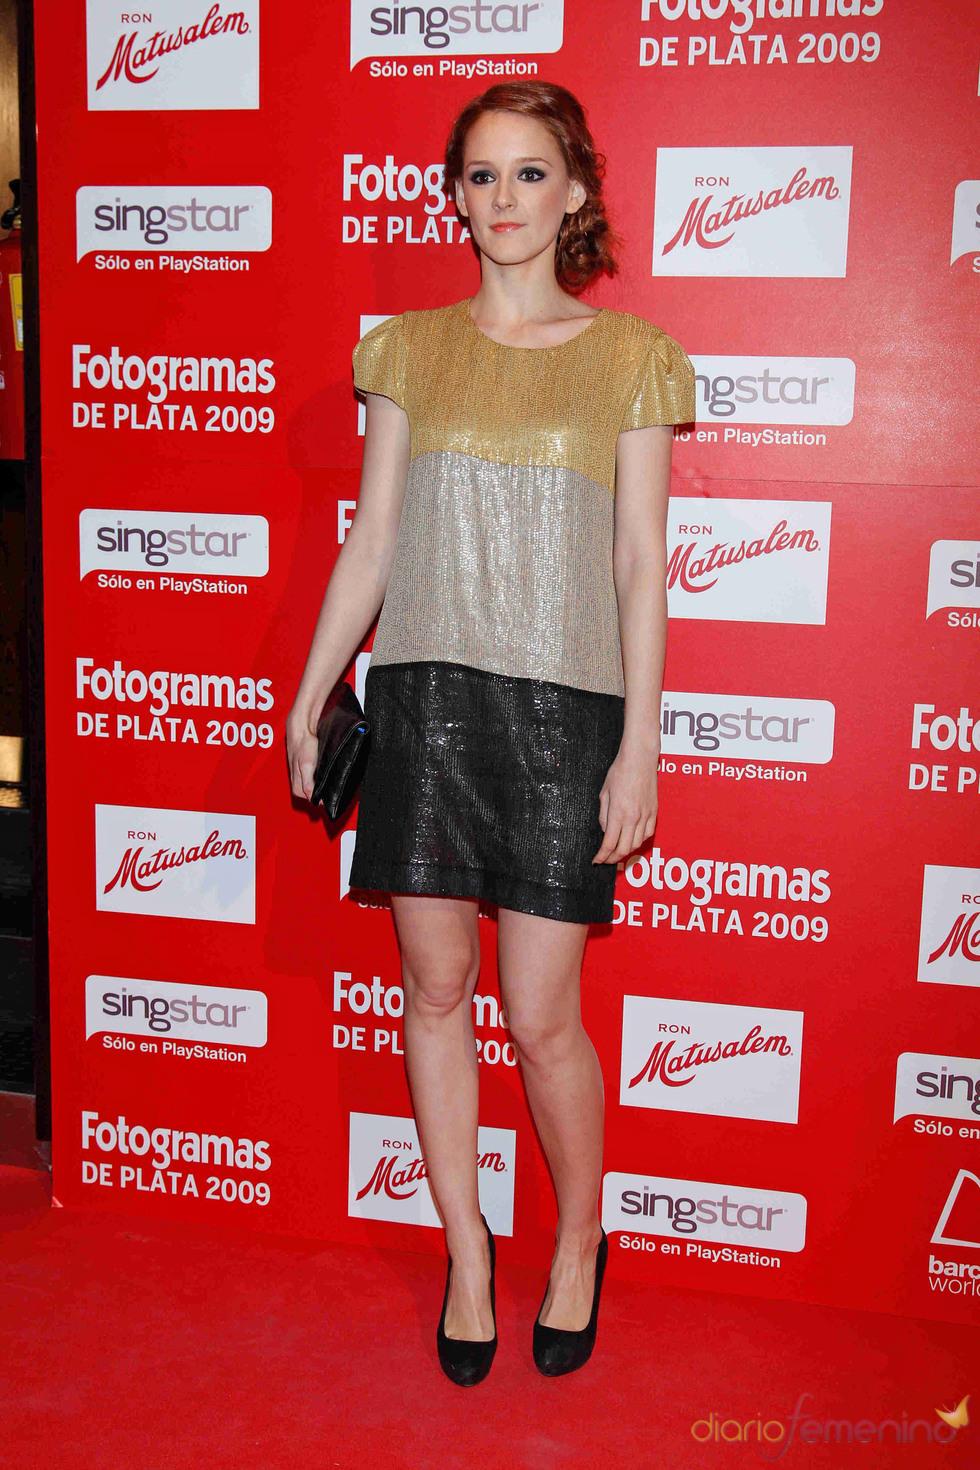 Ana María Polvorosa en los Fotogramas de Plata 2009